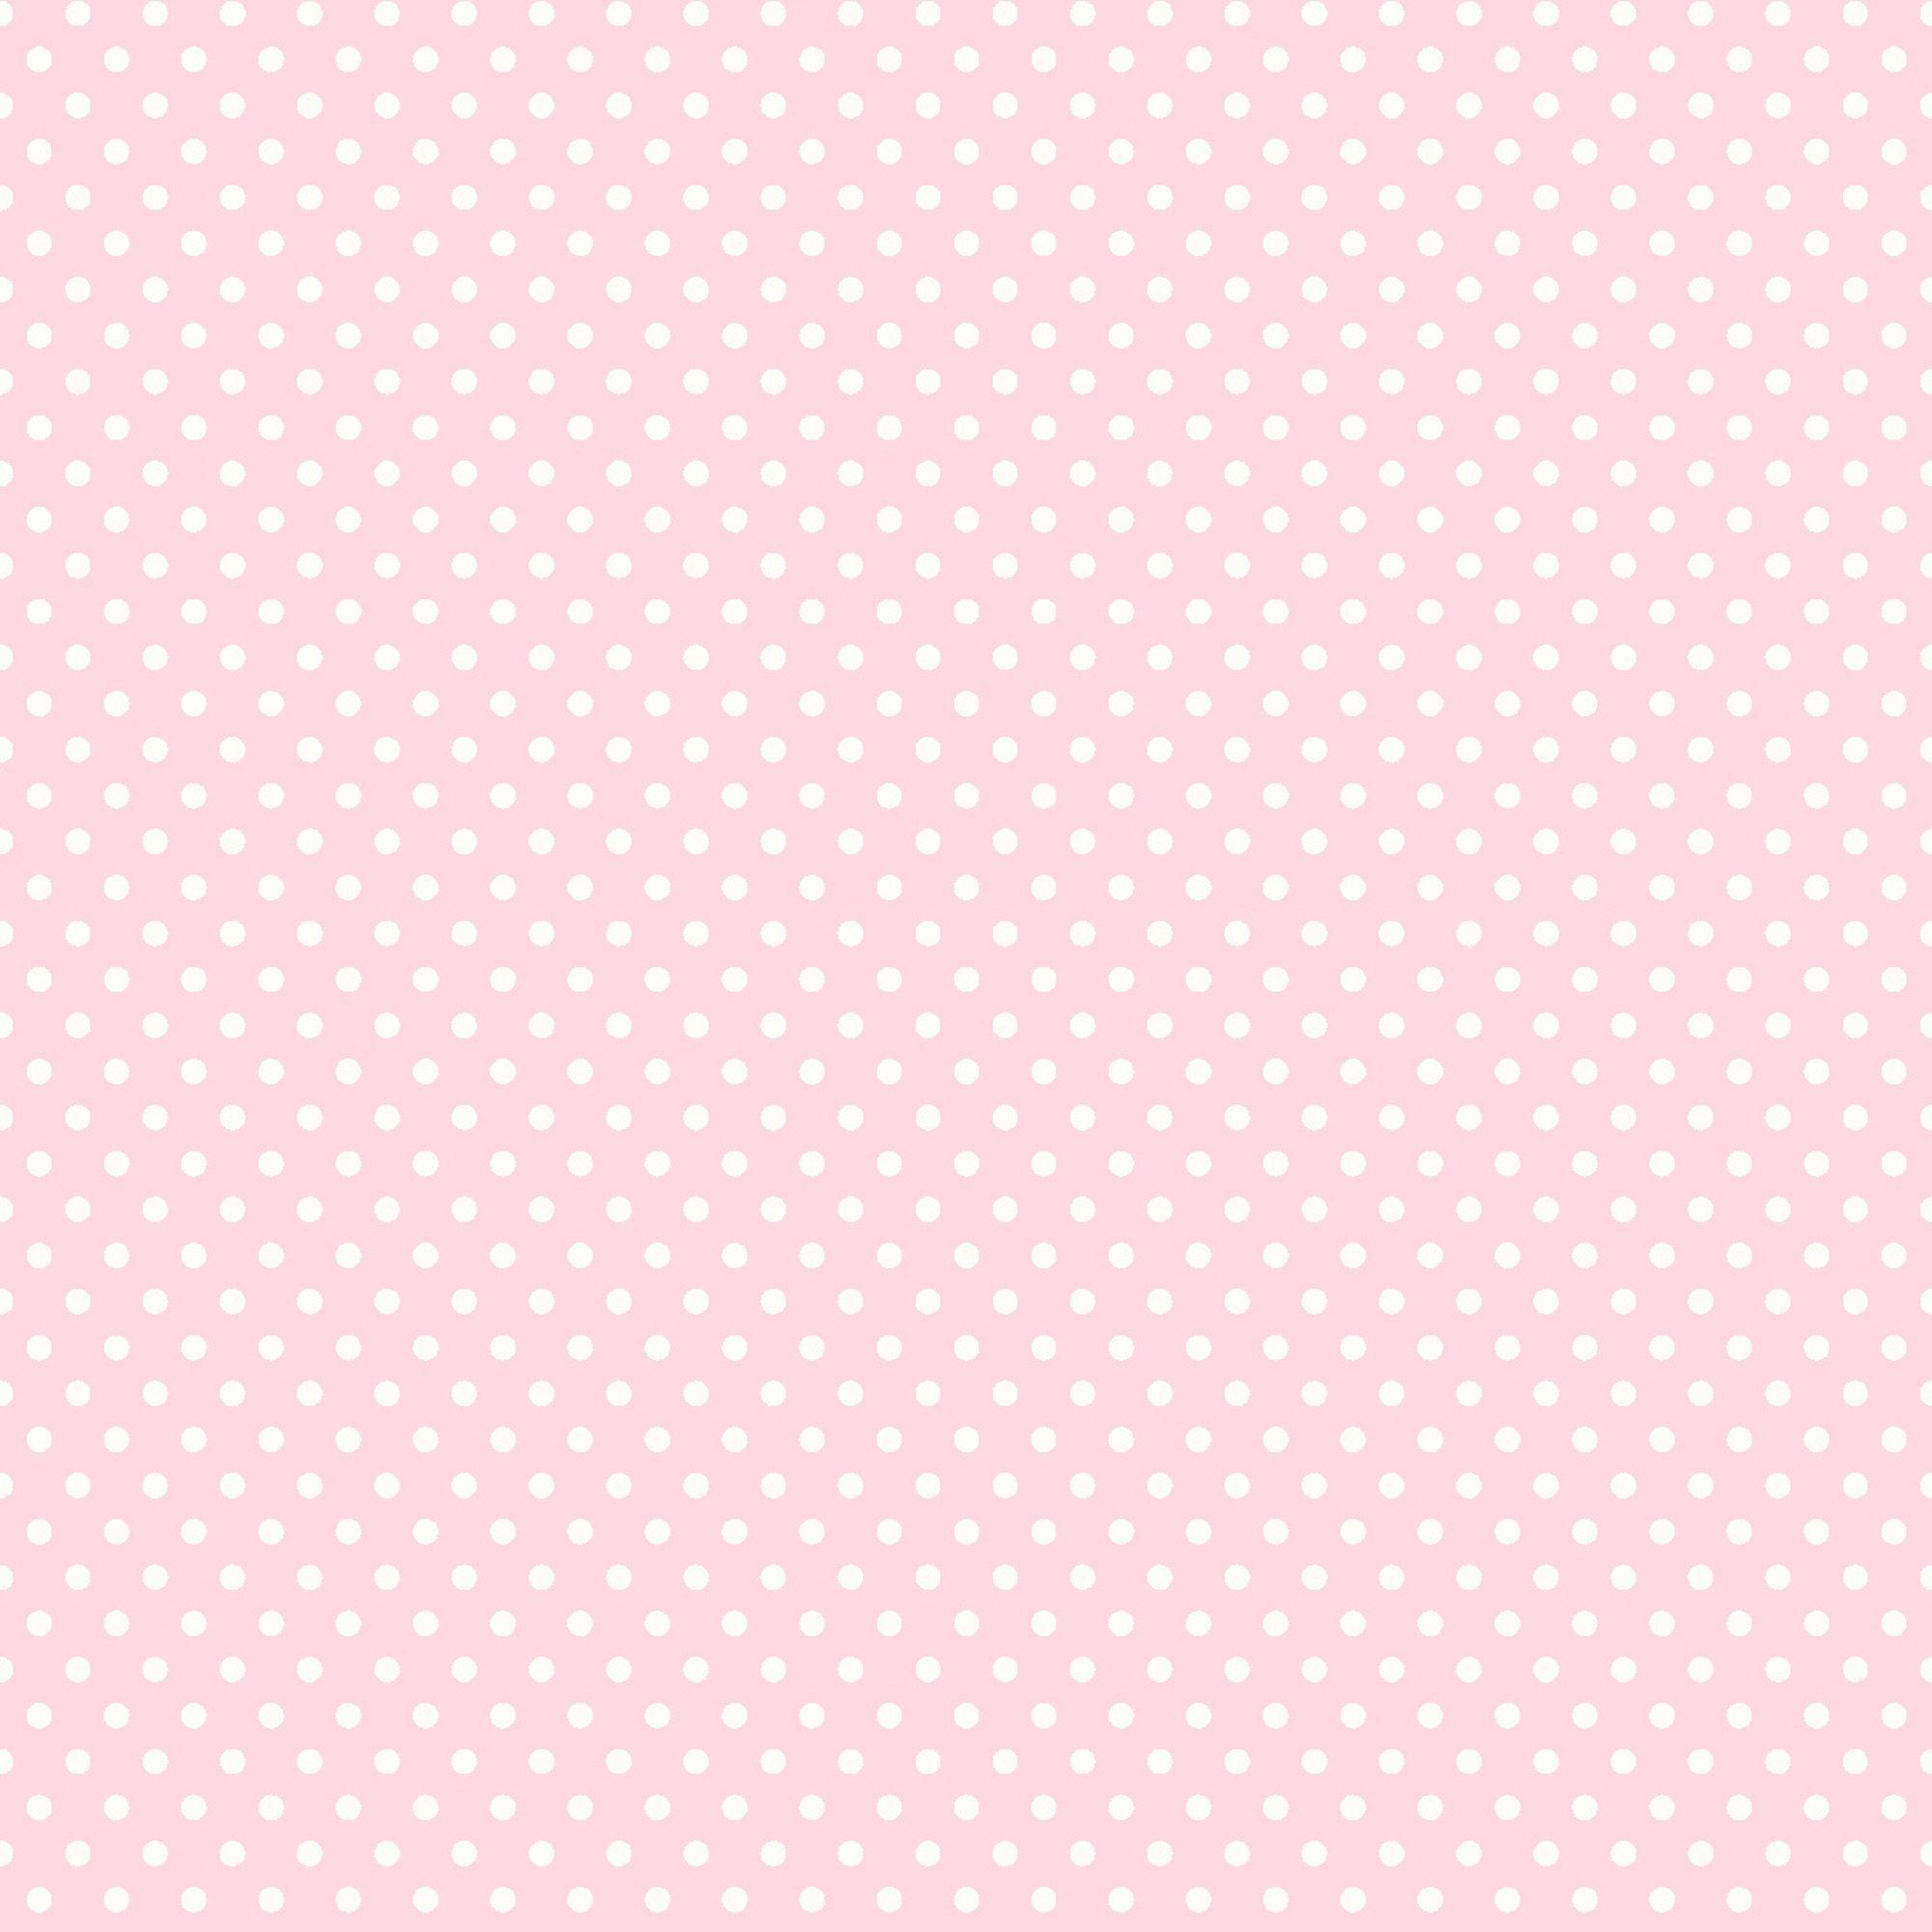 Polka Dots Pink White Wallpaper